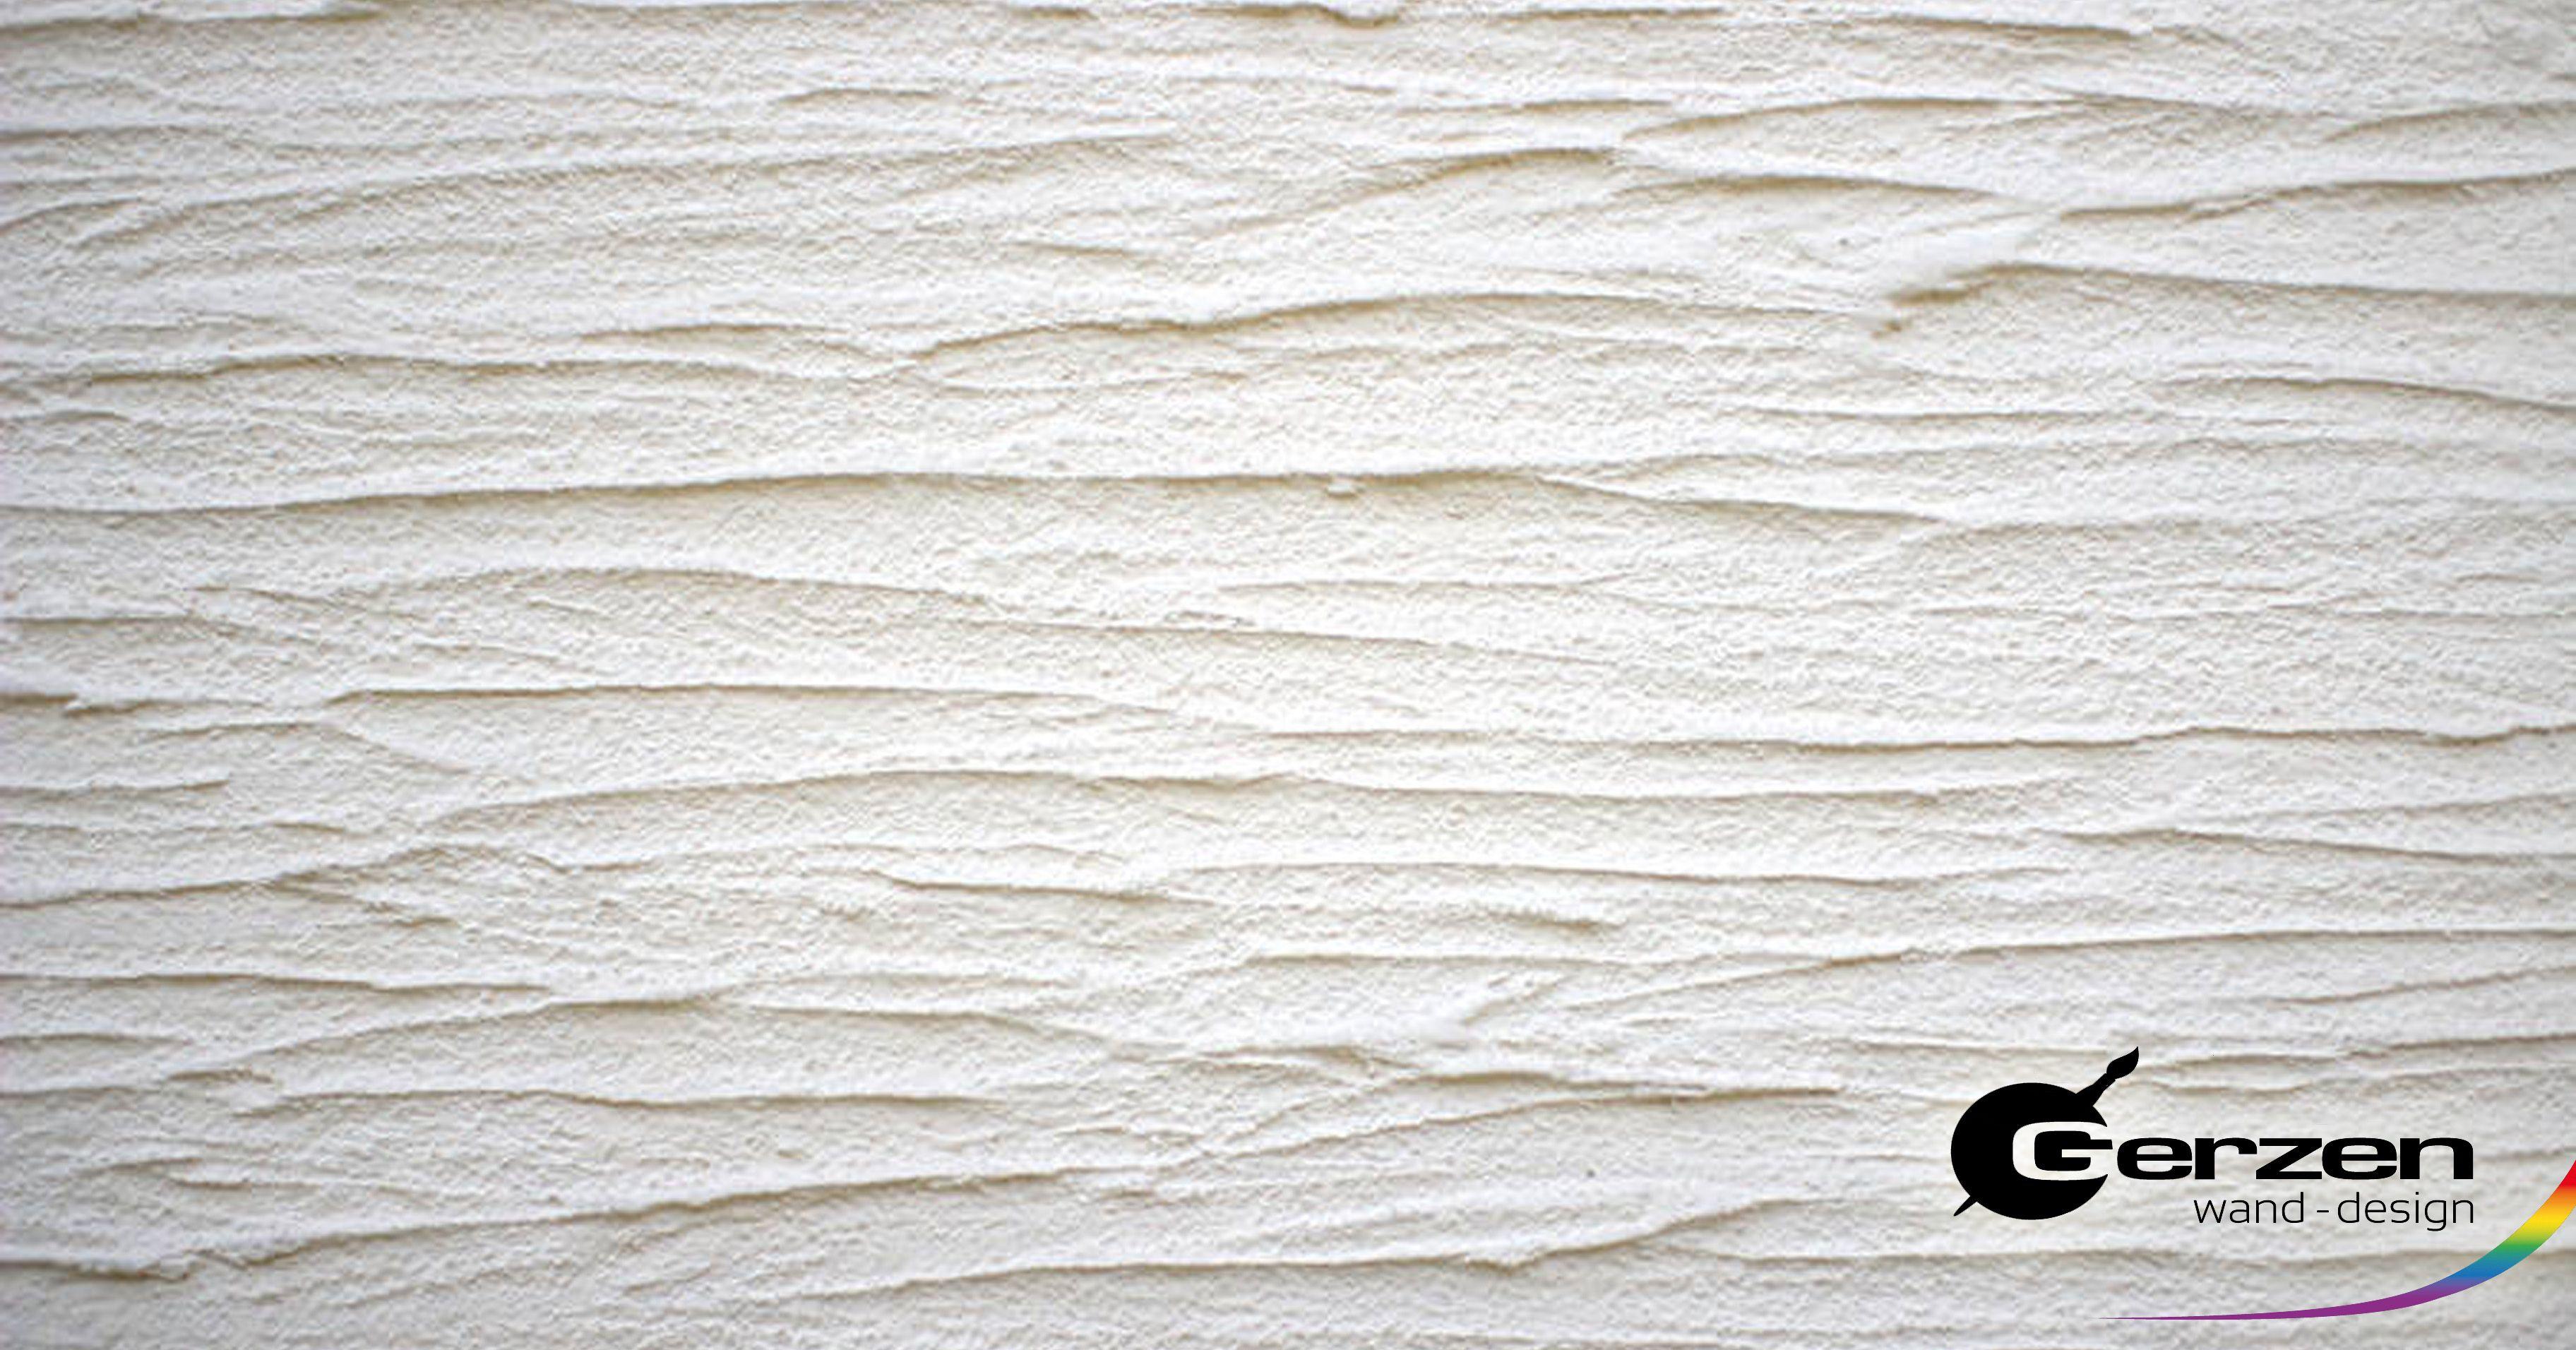 Rillenputz Aussenputz Fassadenputz Gerzen Wand Design Aussenputz Fassadenputz Putz